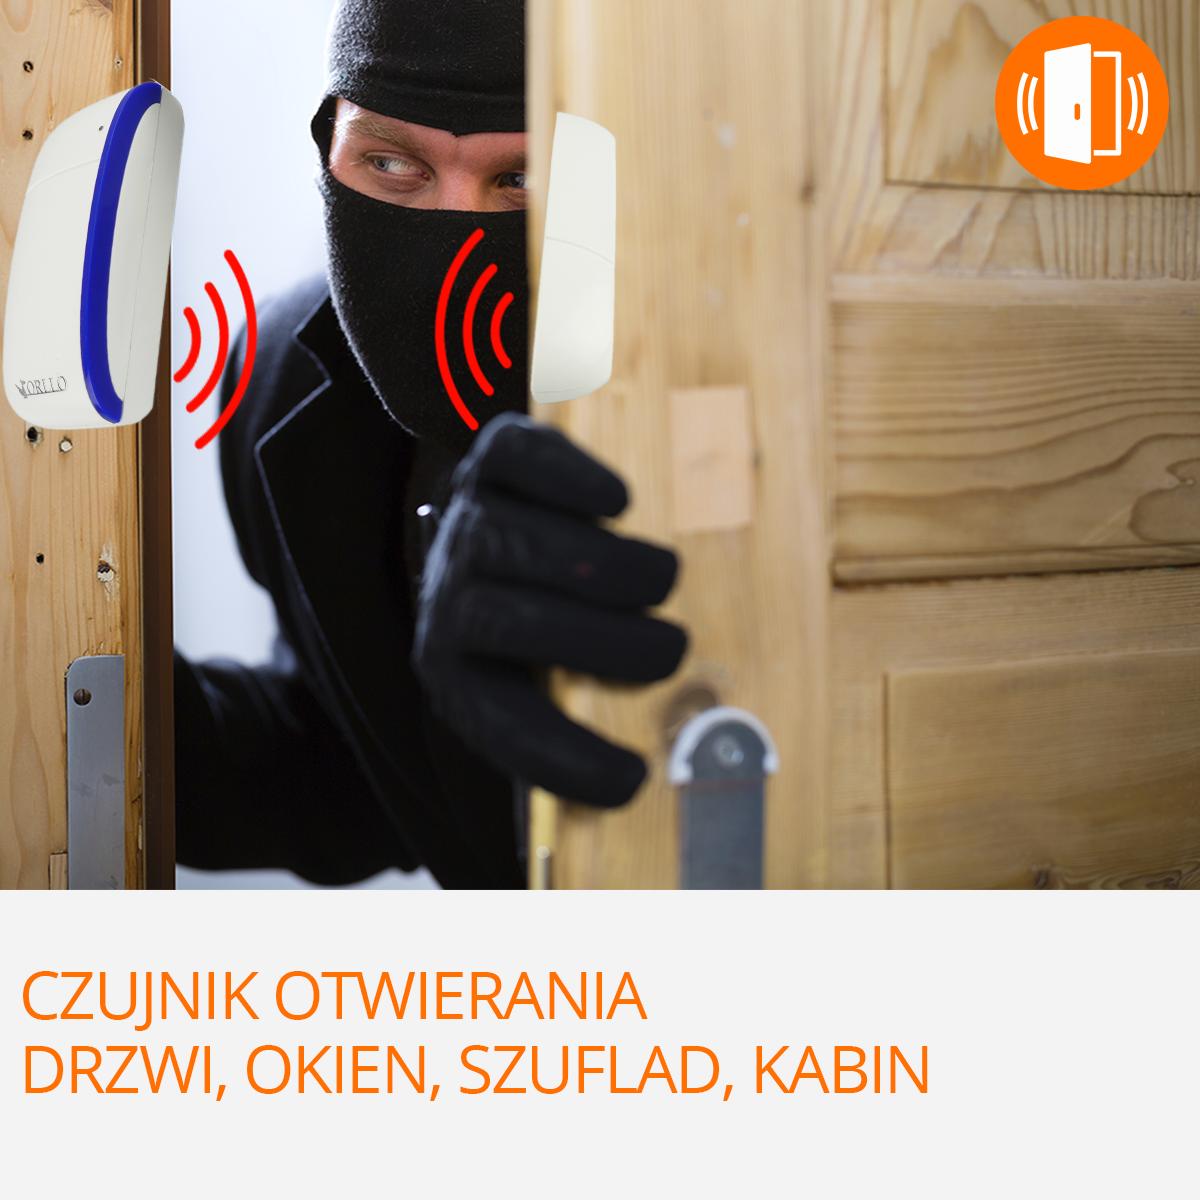 Centrala-alarmowa-czujnik-otwierania-drzwi-orllo-pl